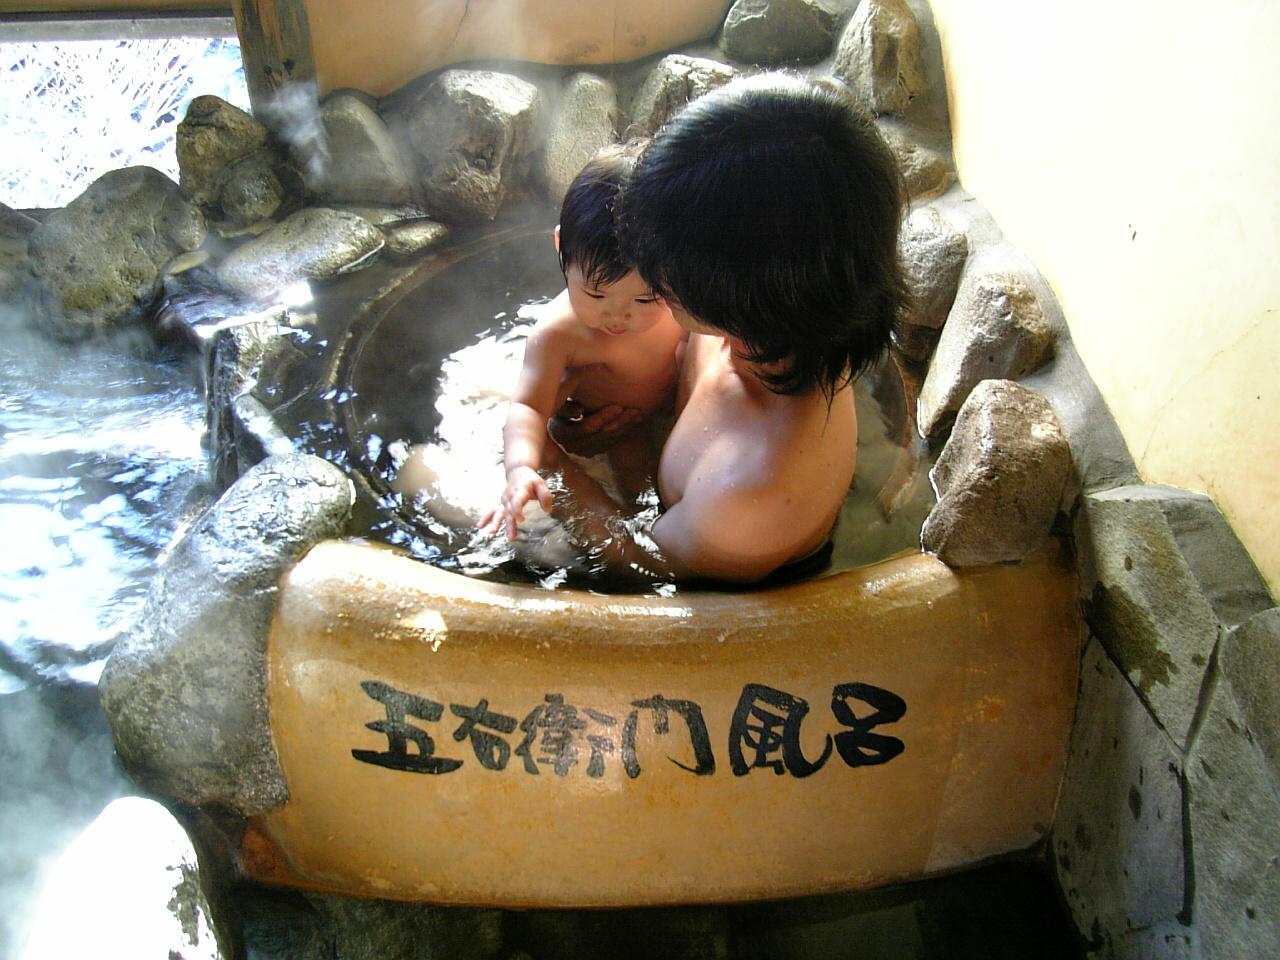 ベンジャミンの育児日記 2006年02月 Livedoor Blogブログ